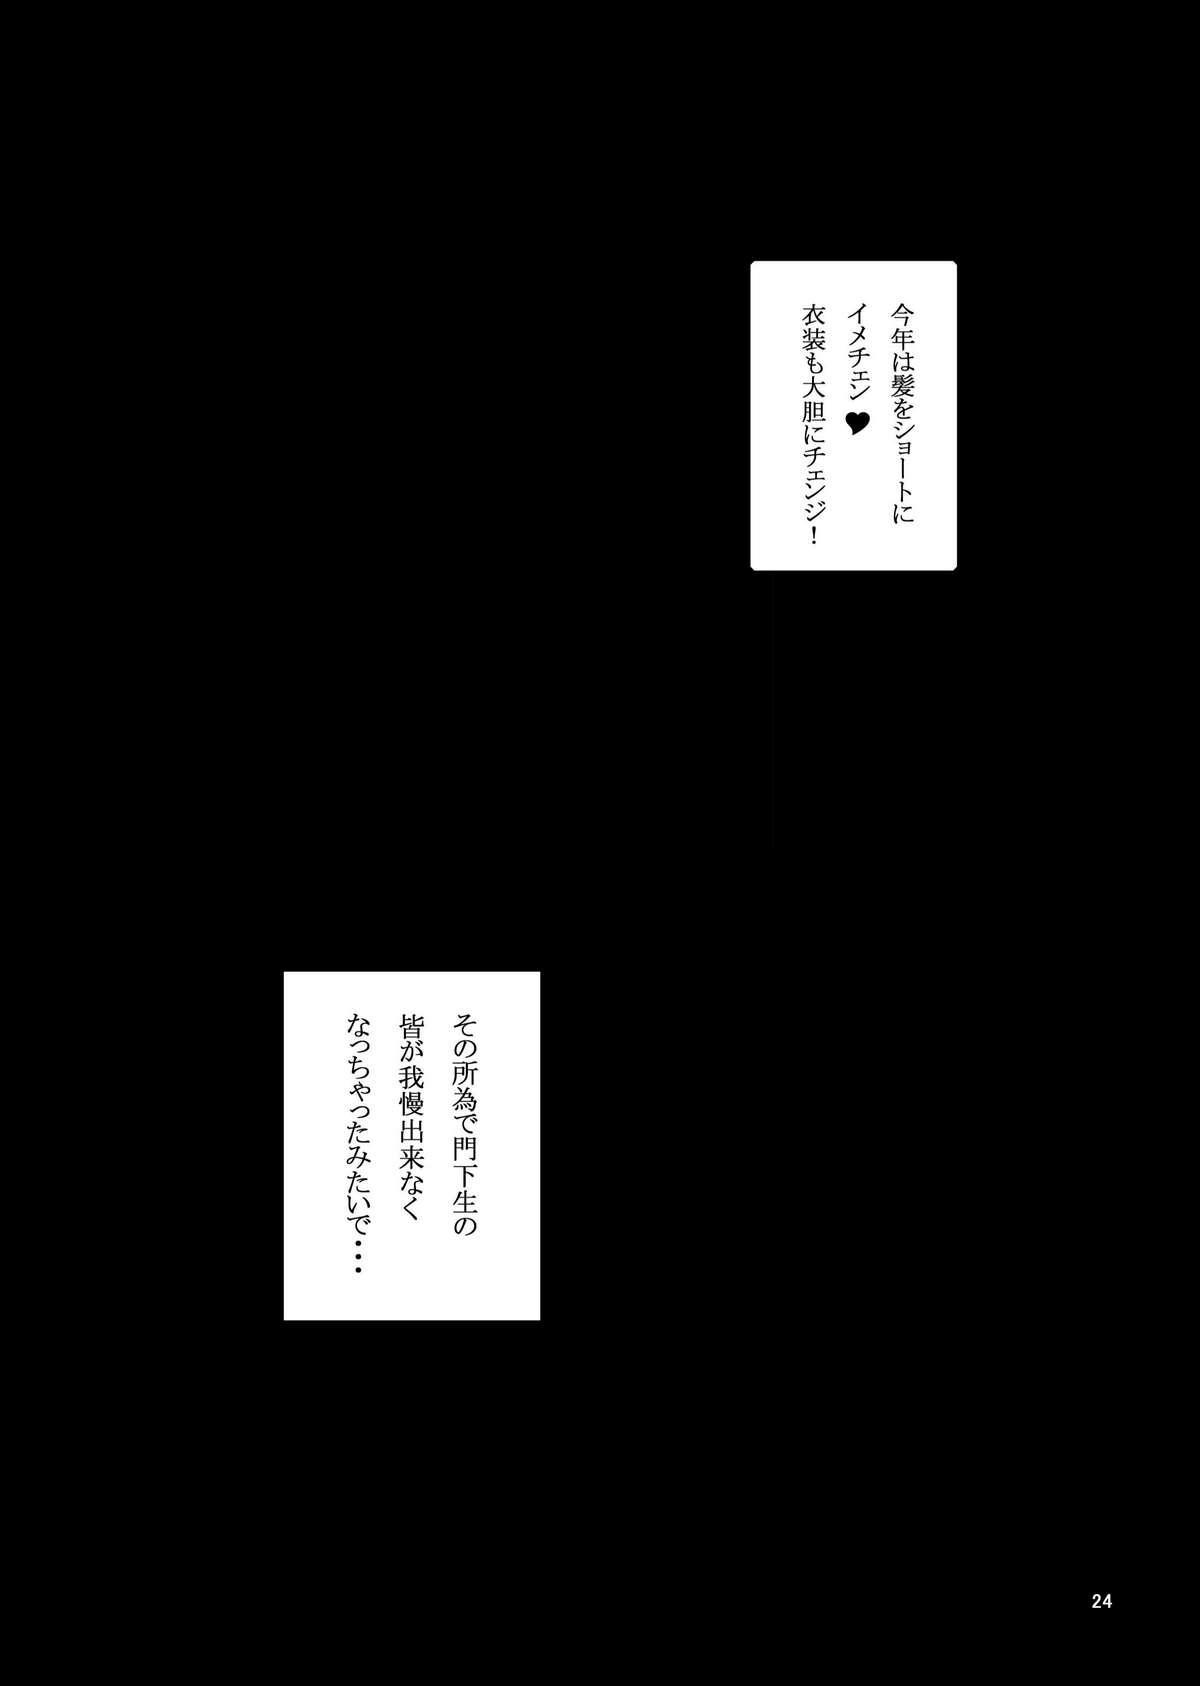 Tadasii Ninjyutu no Tukaikata 23